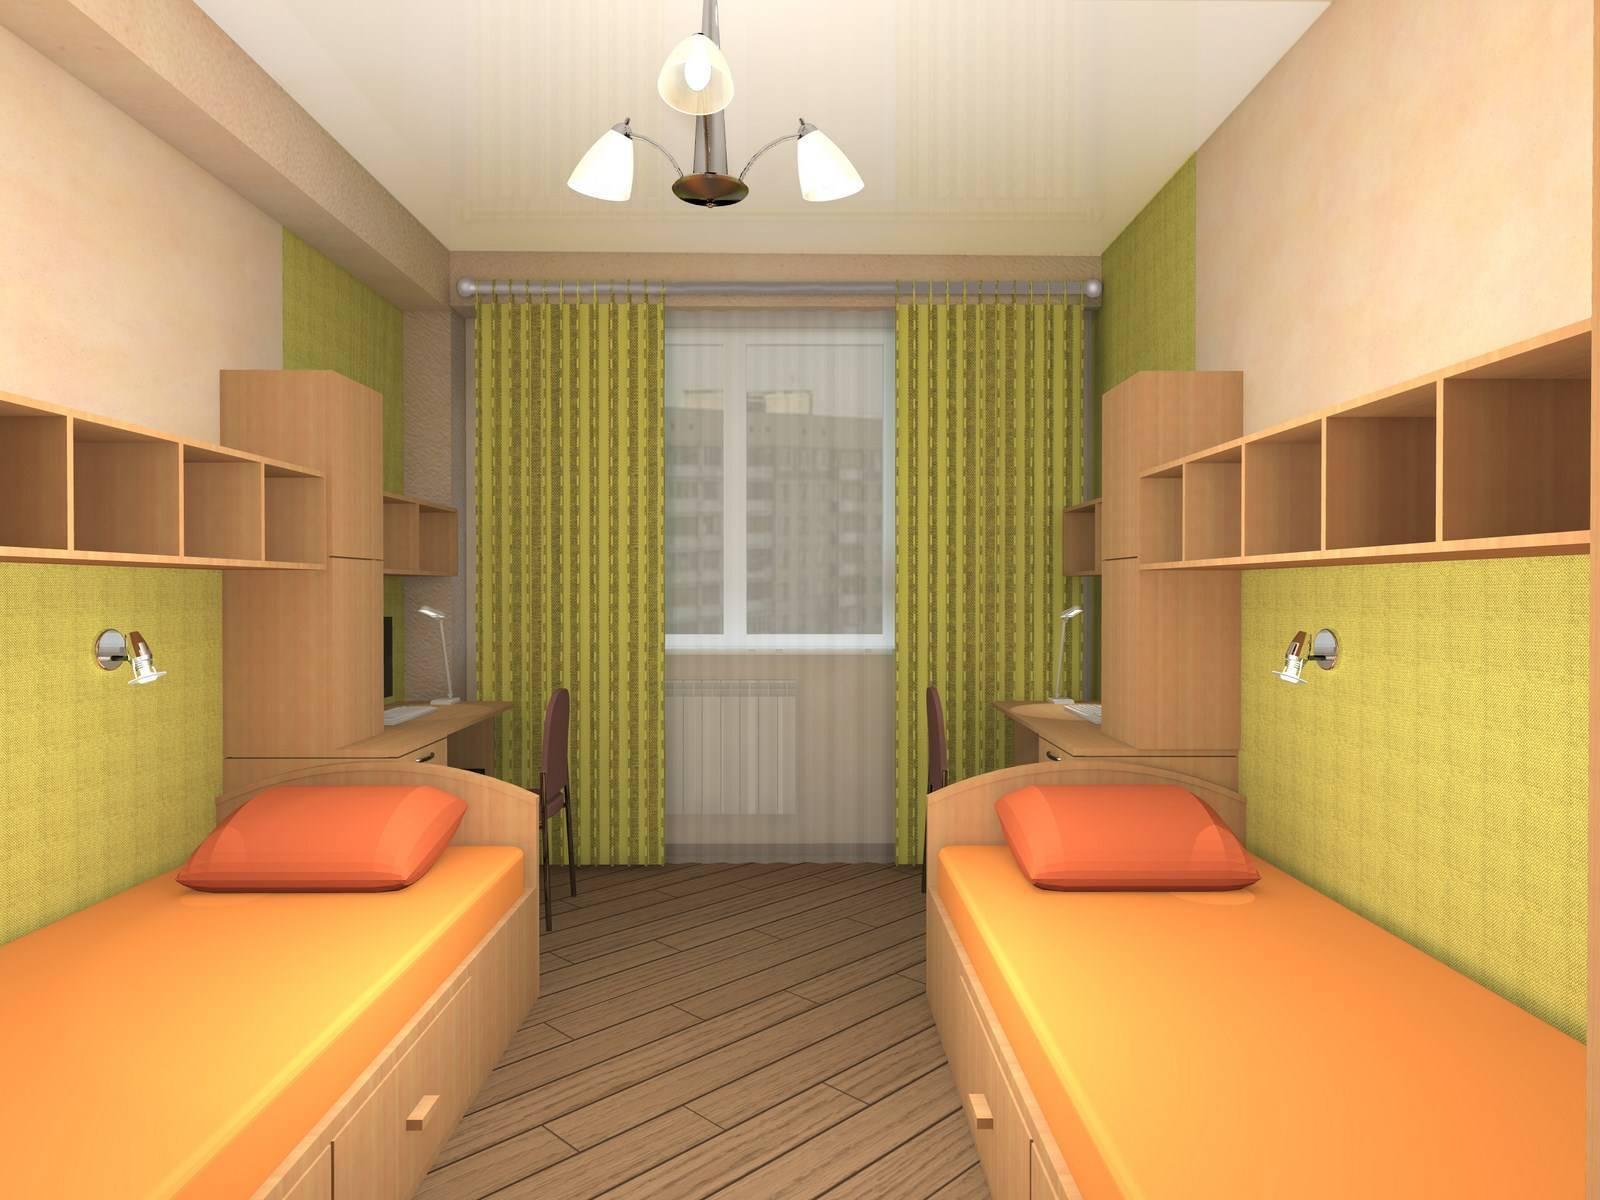 Дизайн детской комнаты для двух девочек разного возраста